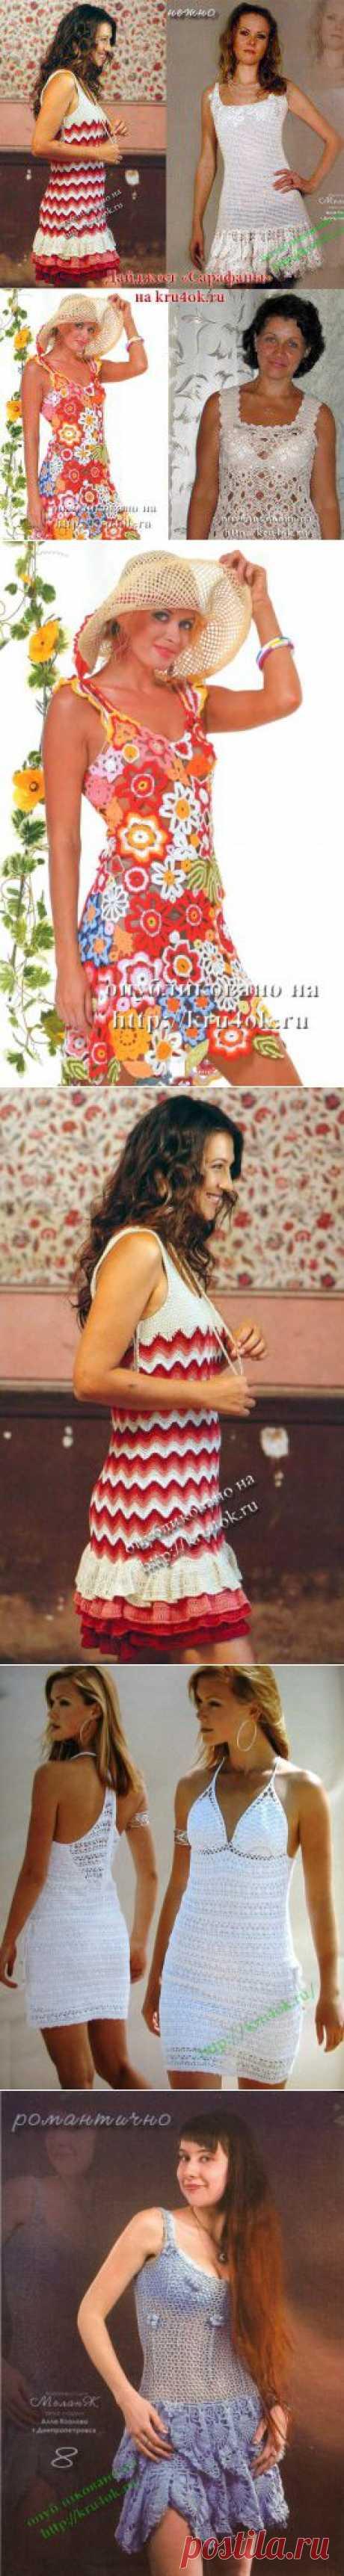 Дайджест: вязаные летние сарафаны для женщин - вязание крючком на kru4ok.ru